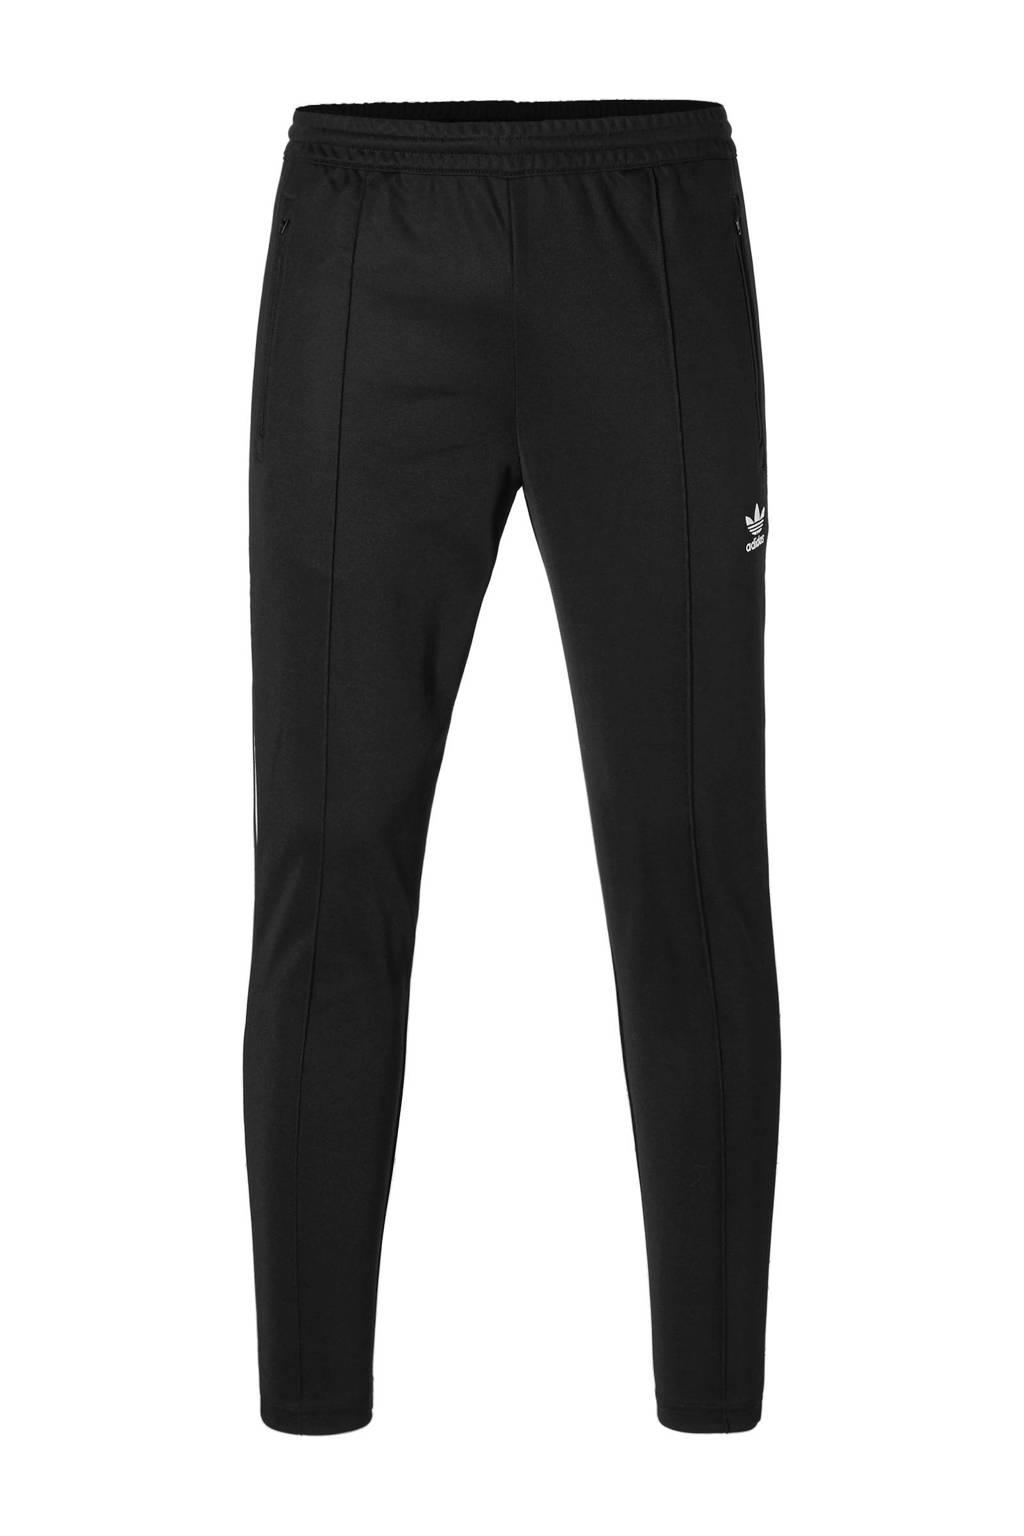 adidas originals joggingbroek, Zwart